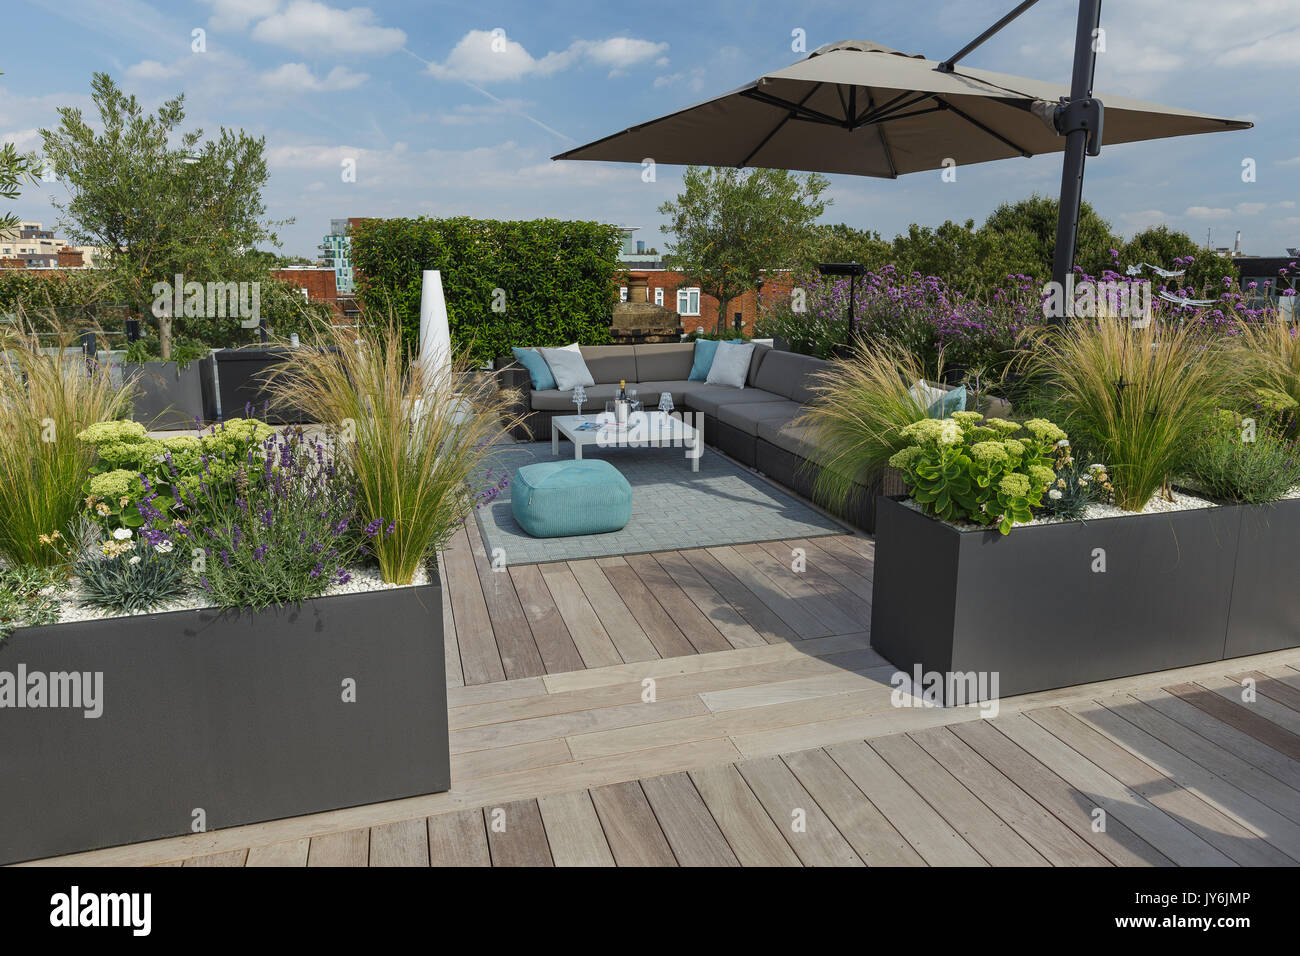 Ganz und zu Extrem Luxuriöse Dachterrasse in London mit Schnittholz Terassendielen @CX_49